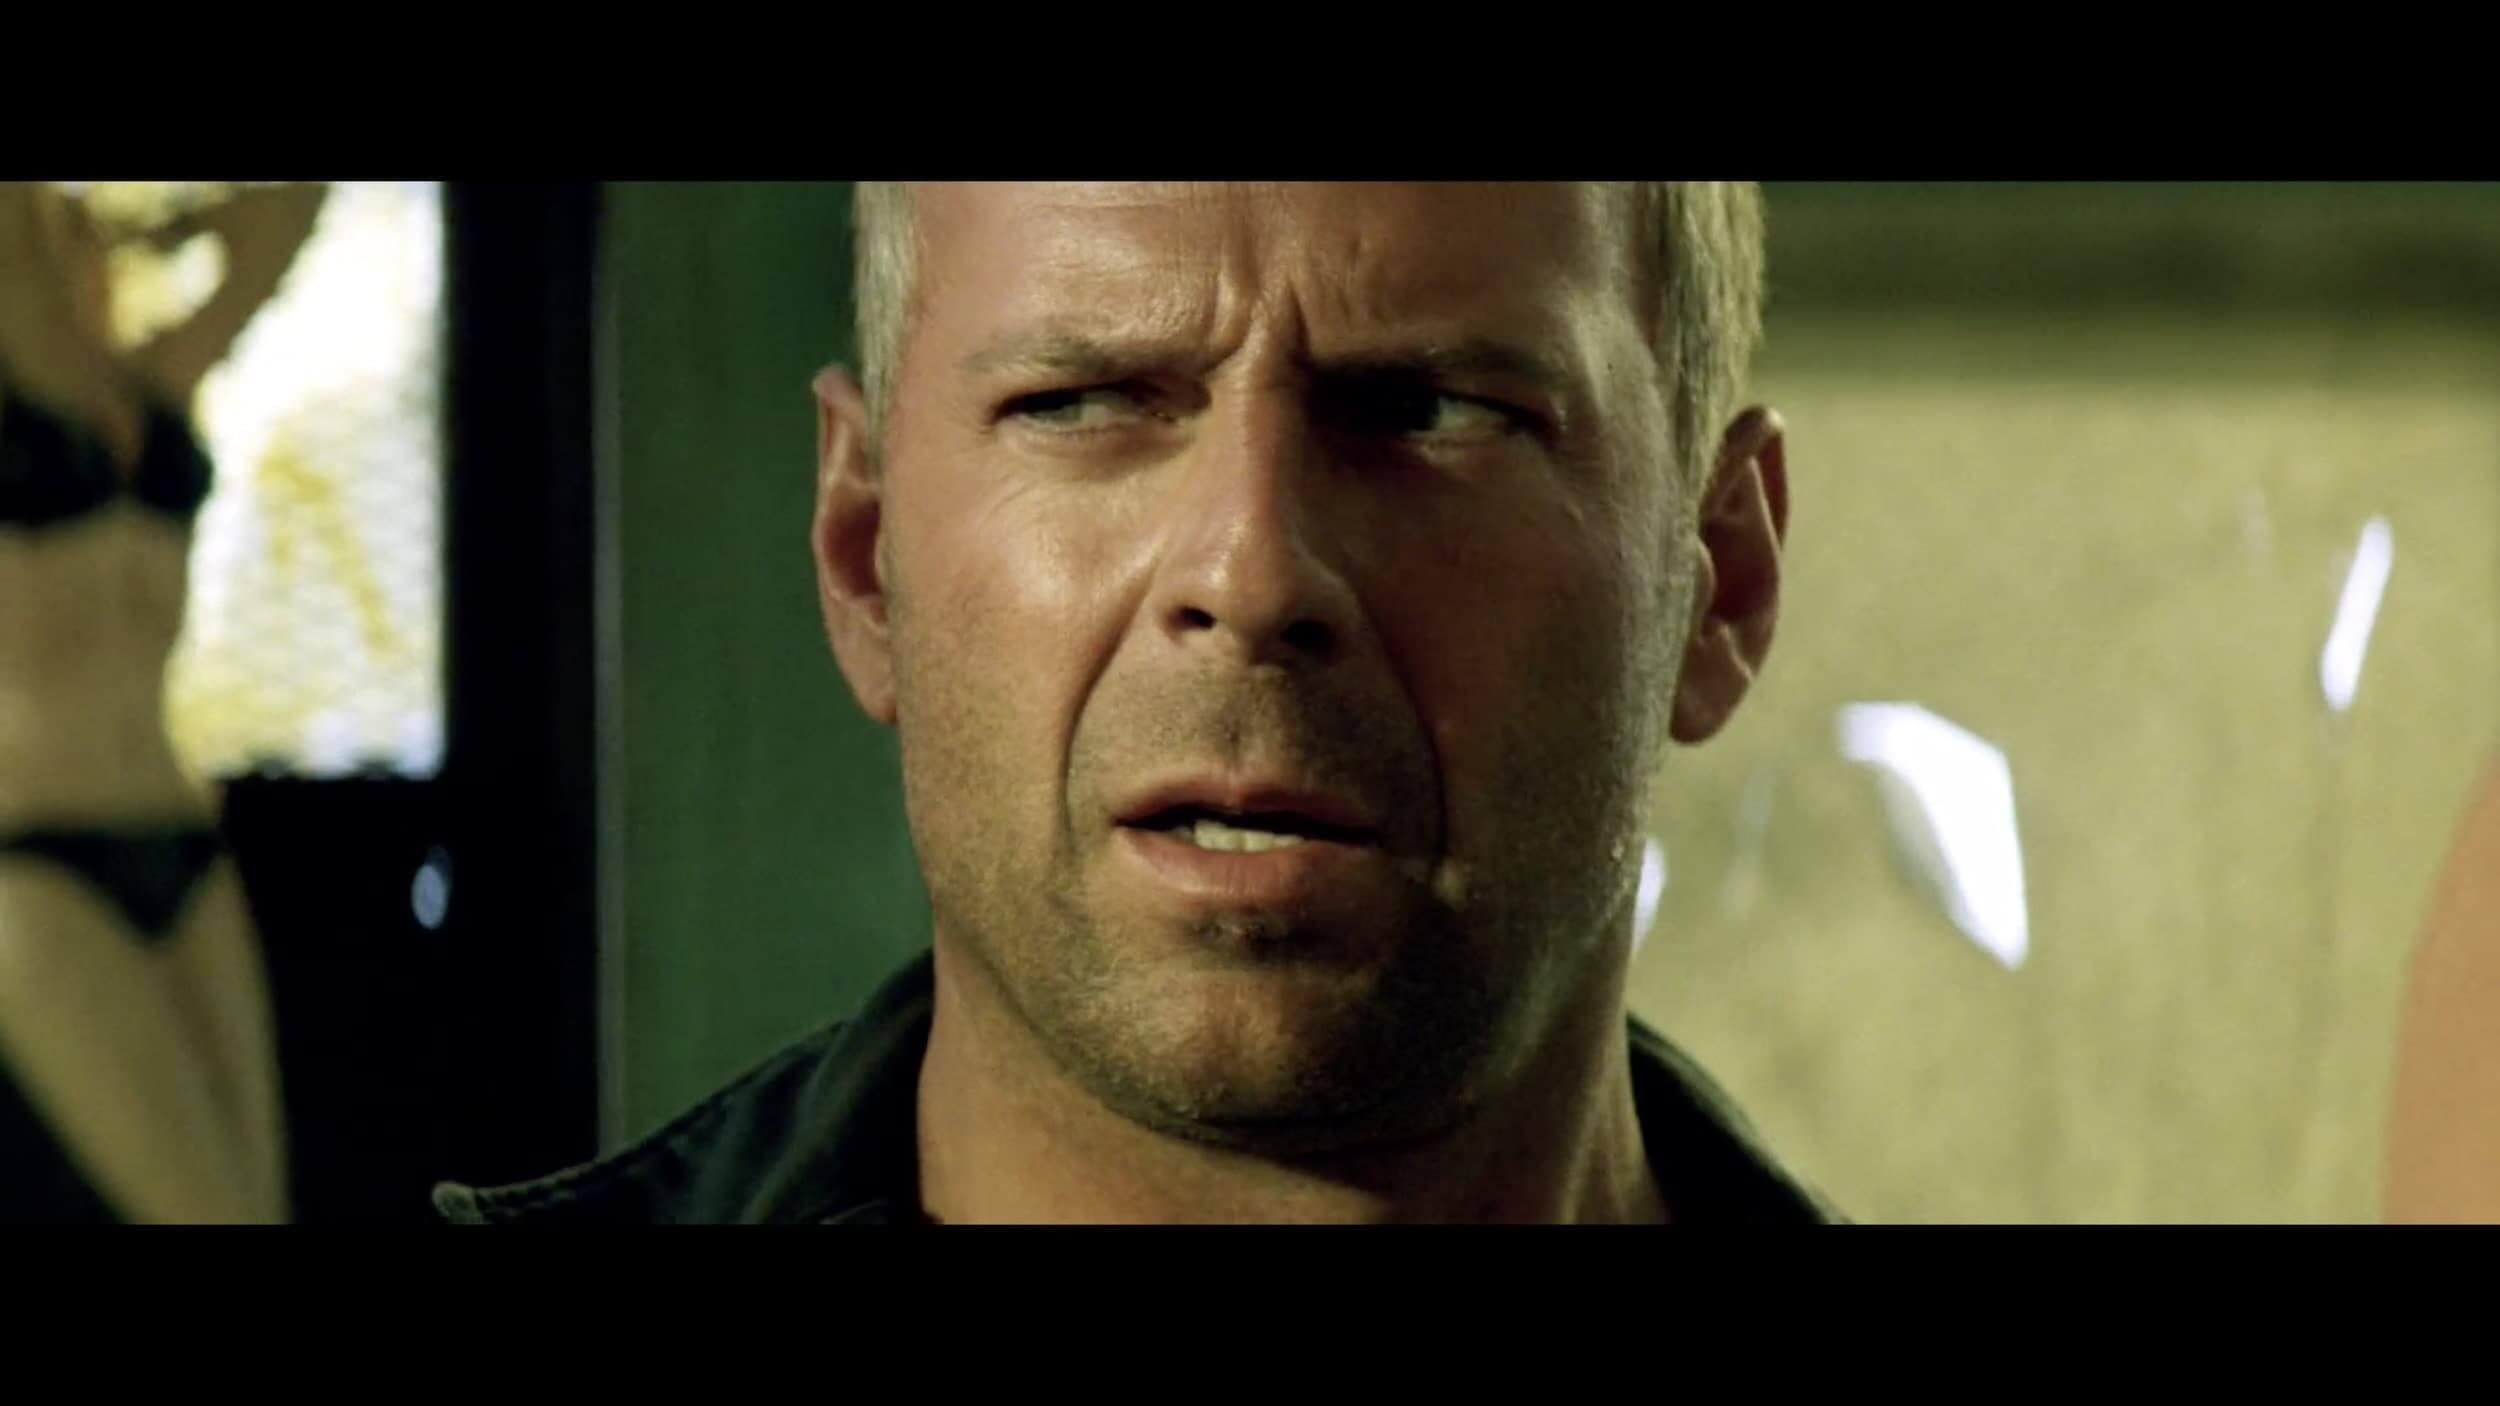 A Filmmaker's Guide to Michael Bay - Armageddon Close Up Bruce Willis - StudioBinder Online Shot List Software